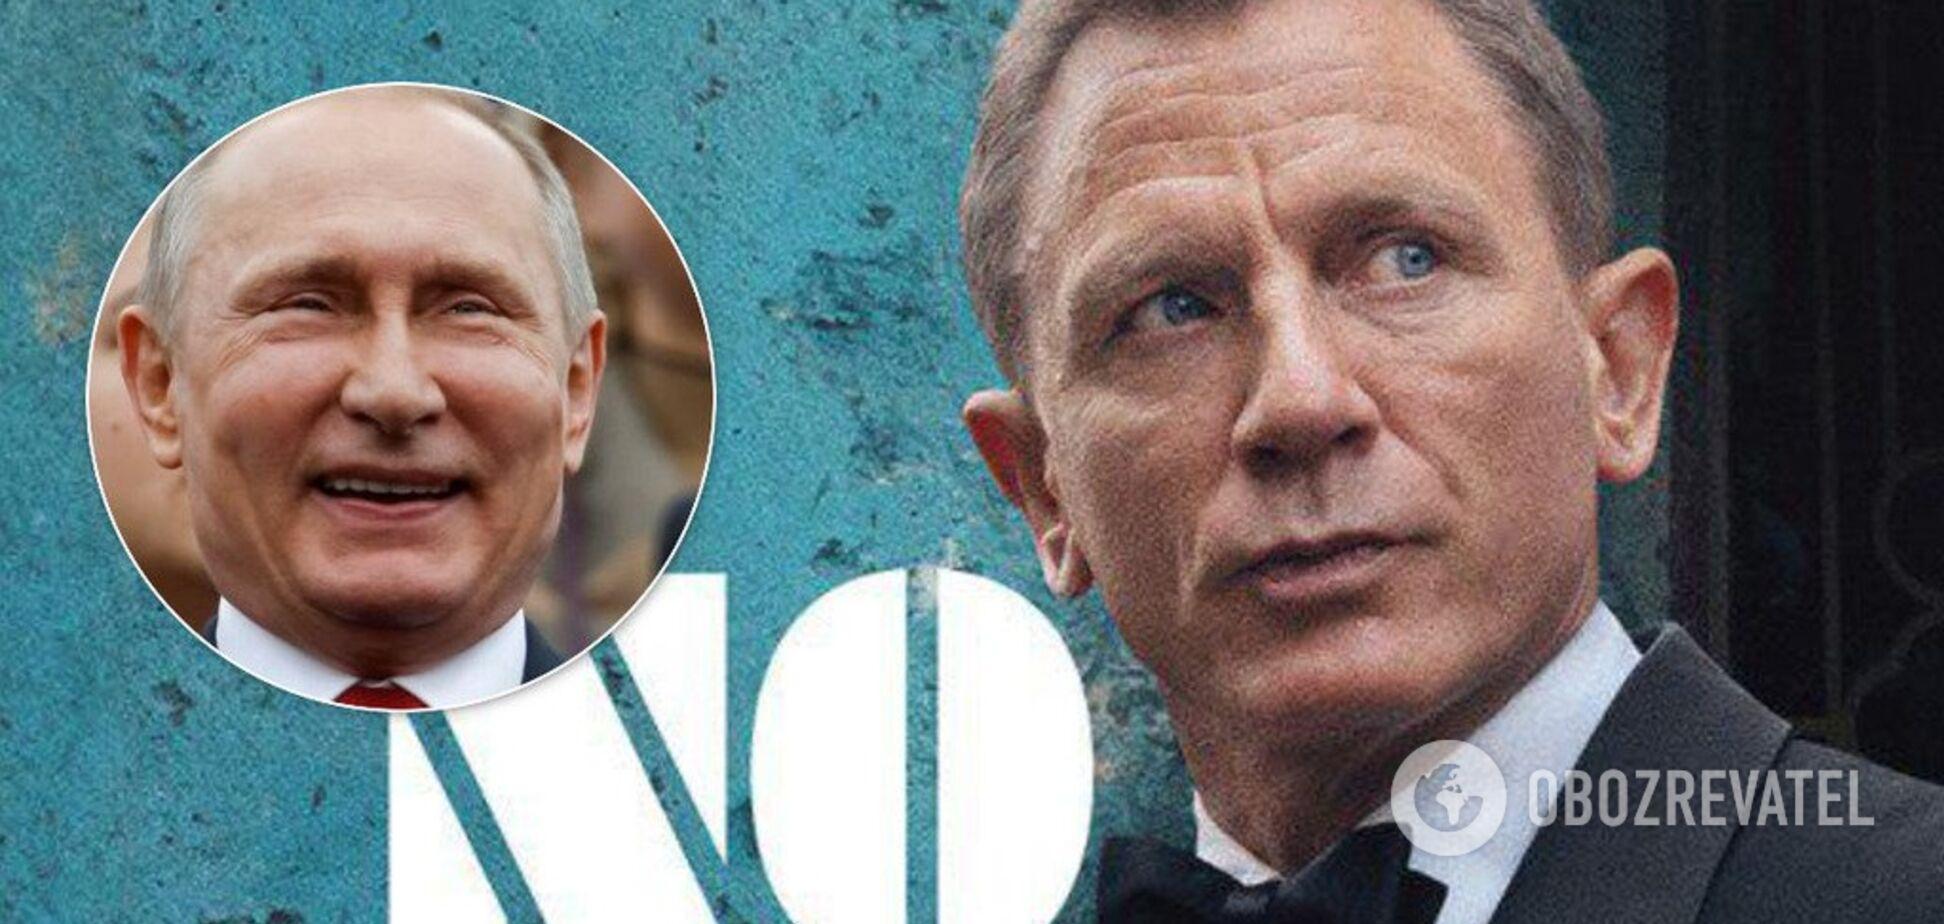 'Нова реклама Путіна?' У постері з Бондом побачили 'російський слід'